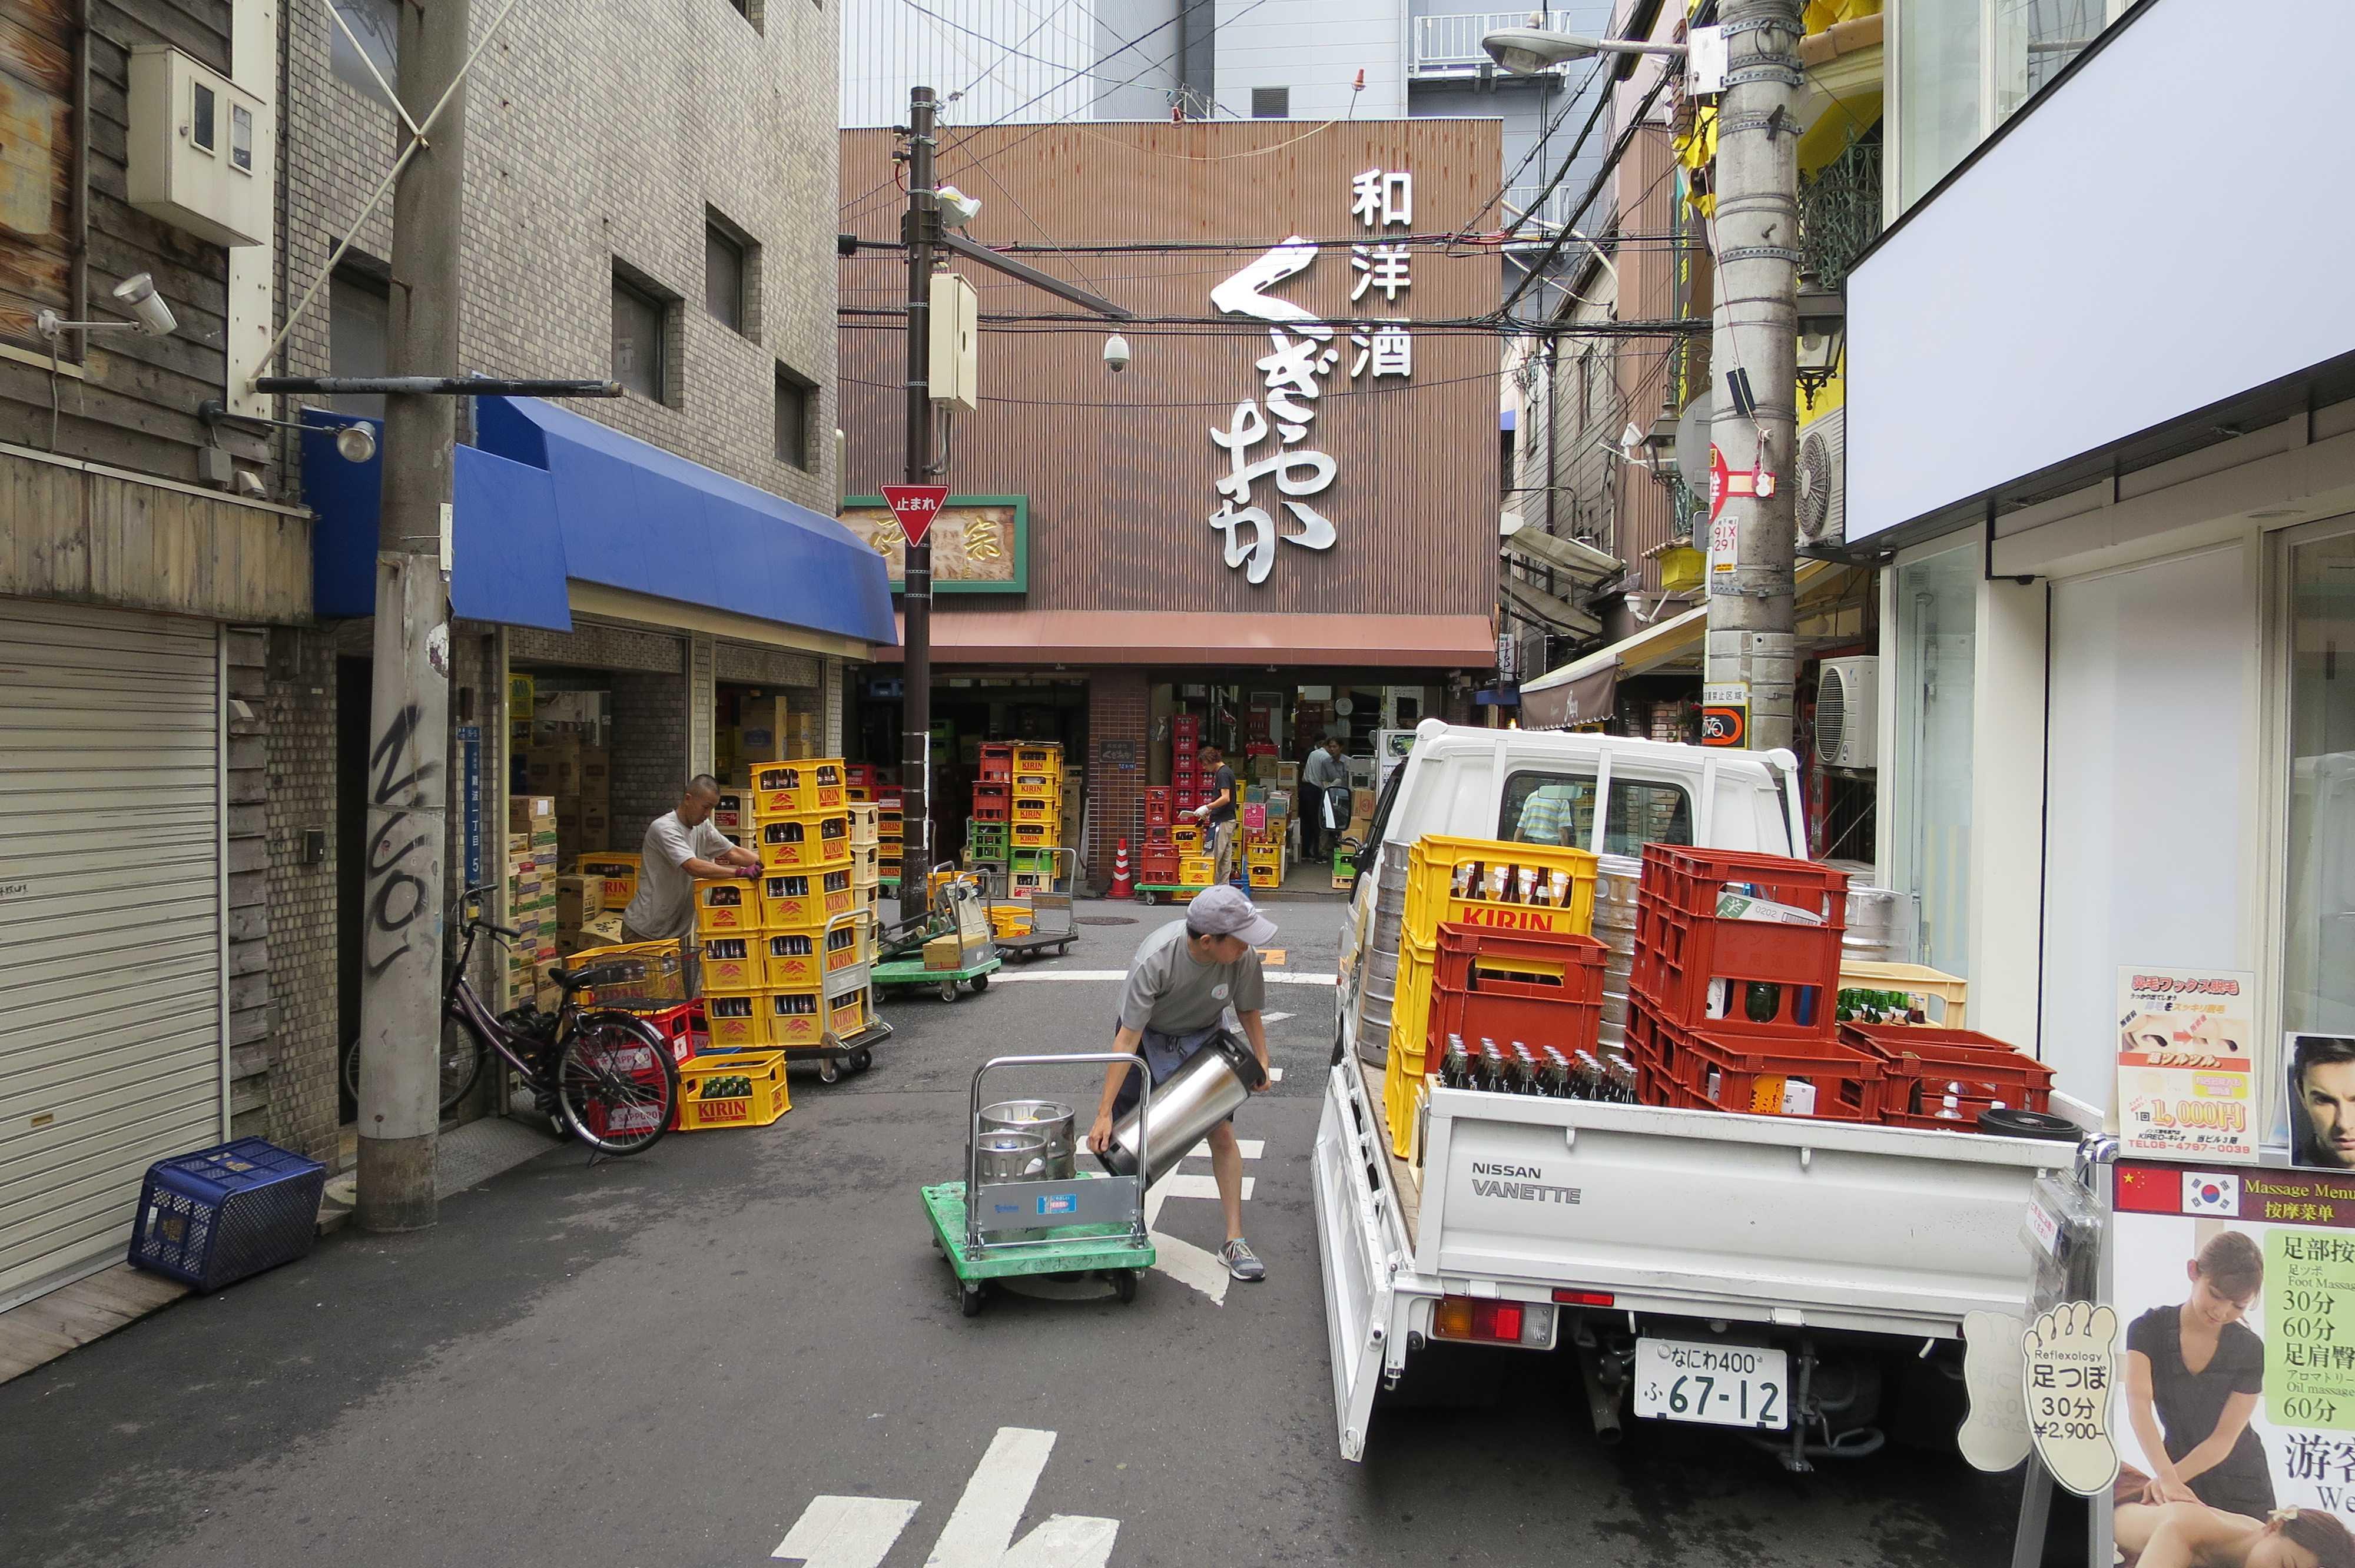 大阪・なんば(難波)- 和洋酒 釘岡酒店